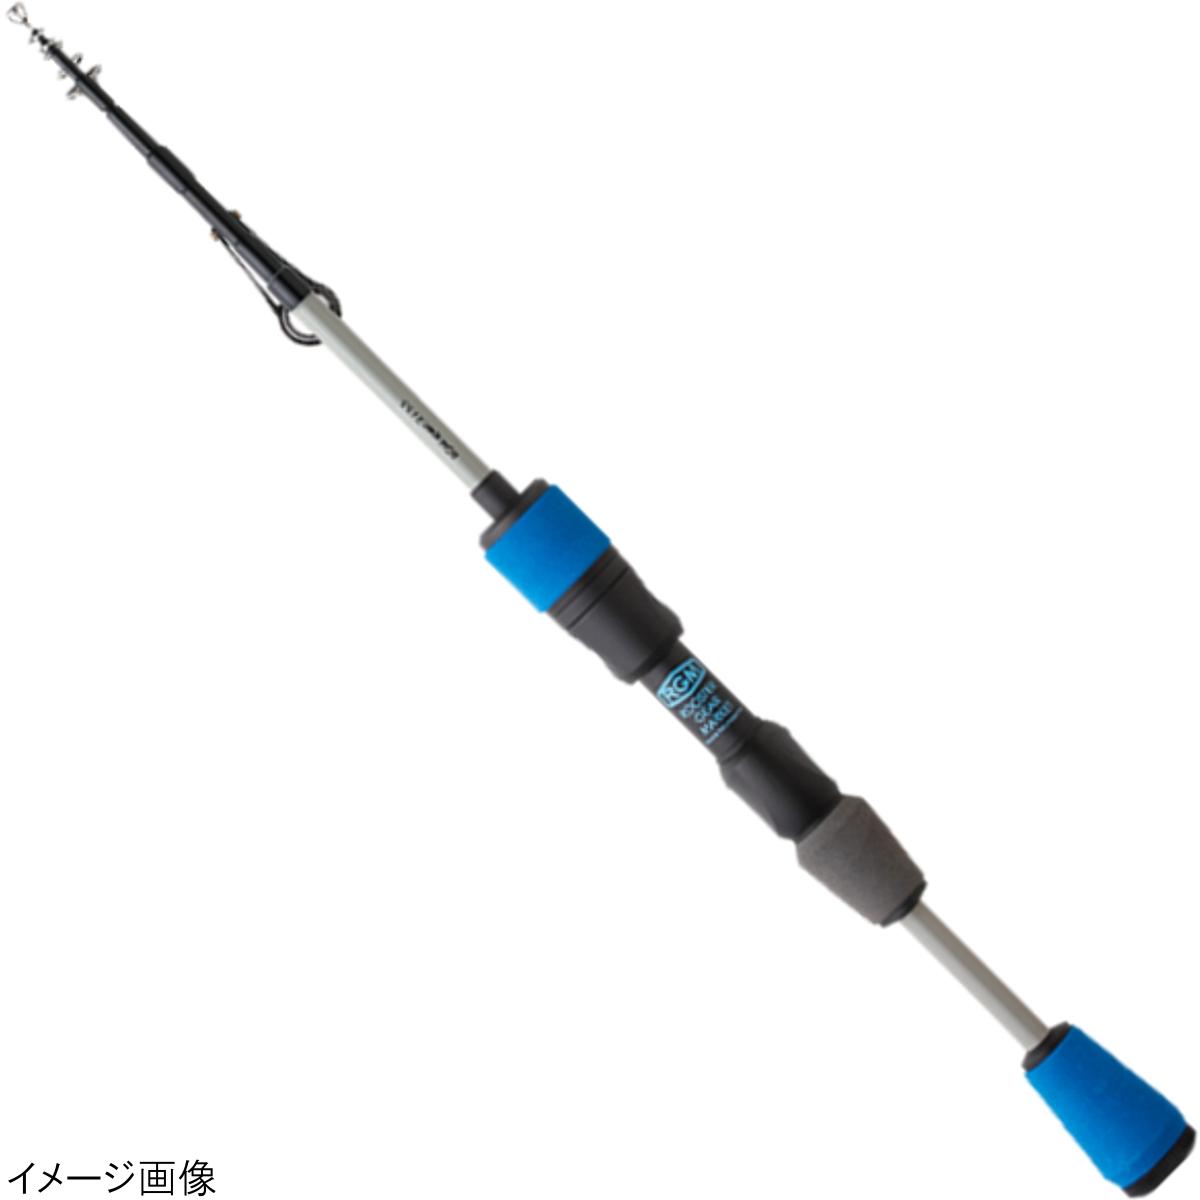 ジャッカル RGM spec.2 7.5 BLUE/GRAY